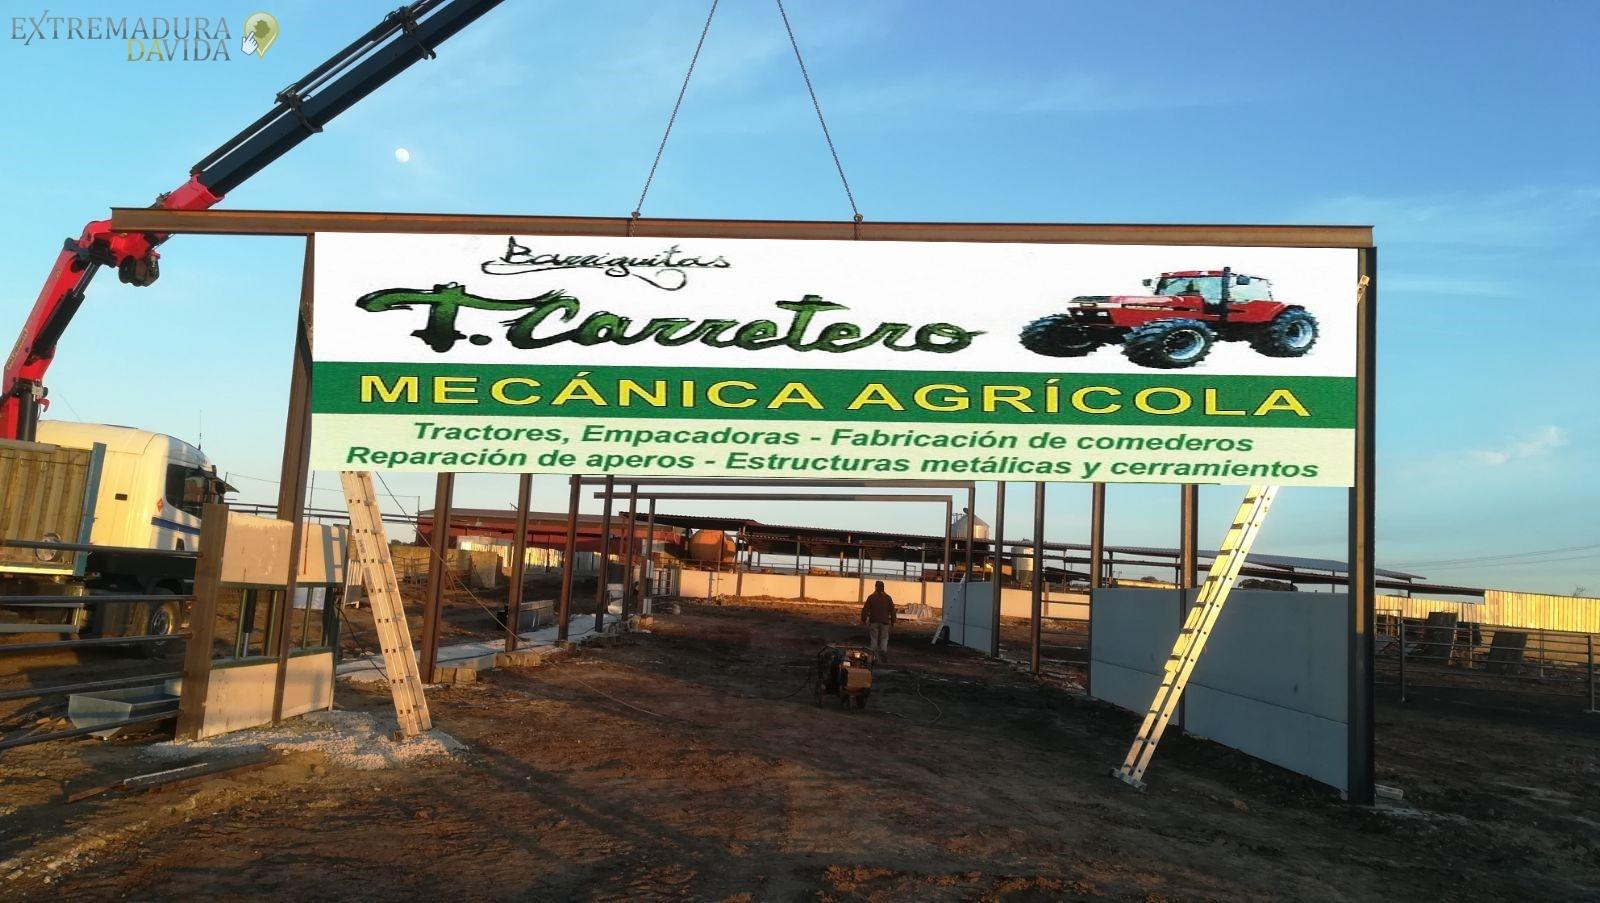 TALLER MECANICA AGRICOLA T ESTRUCTURAS CACERES CARRETERO pOLIGONO GANADERO